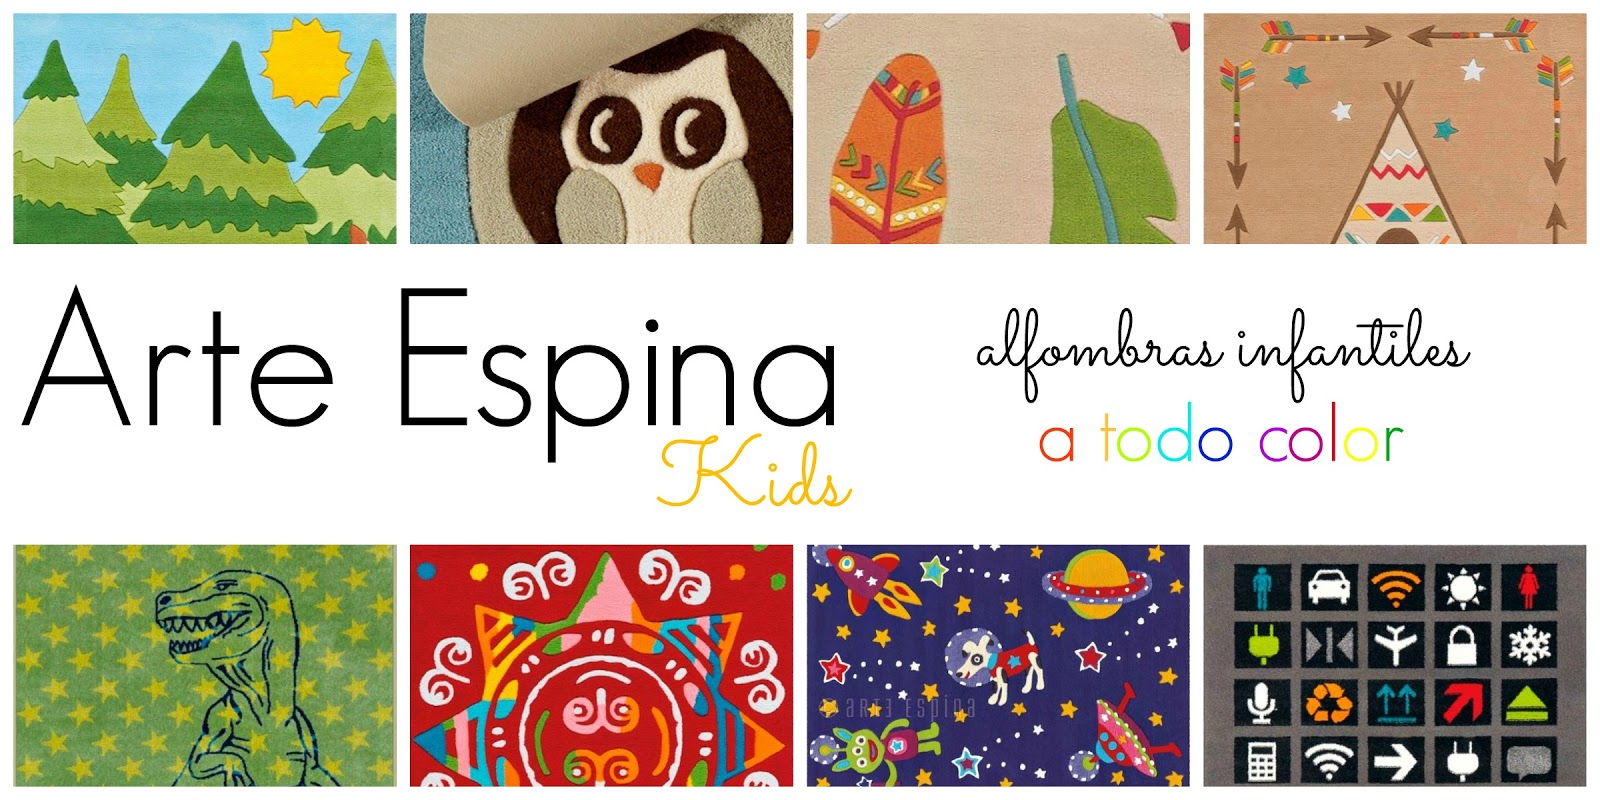 ARTE ESPINA KIDS: ALFOMBRAS INFANTILES A TODO COLOR